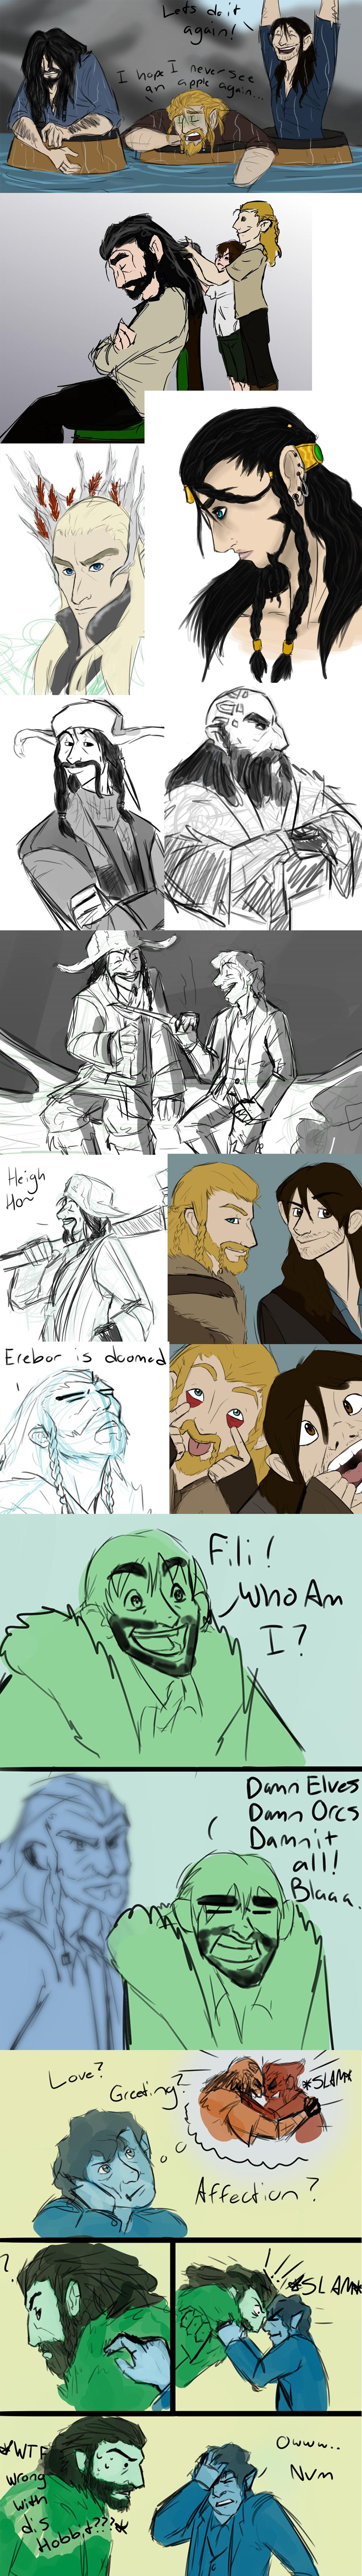 Hobbit dump by Skulleton